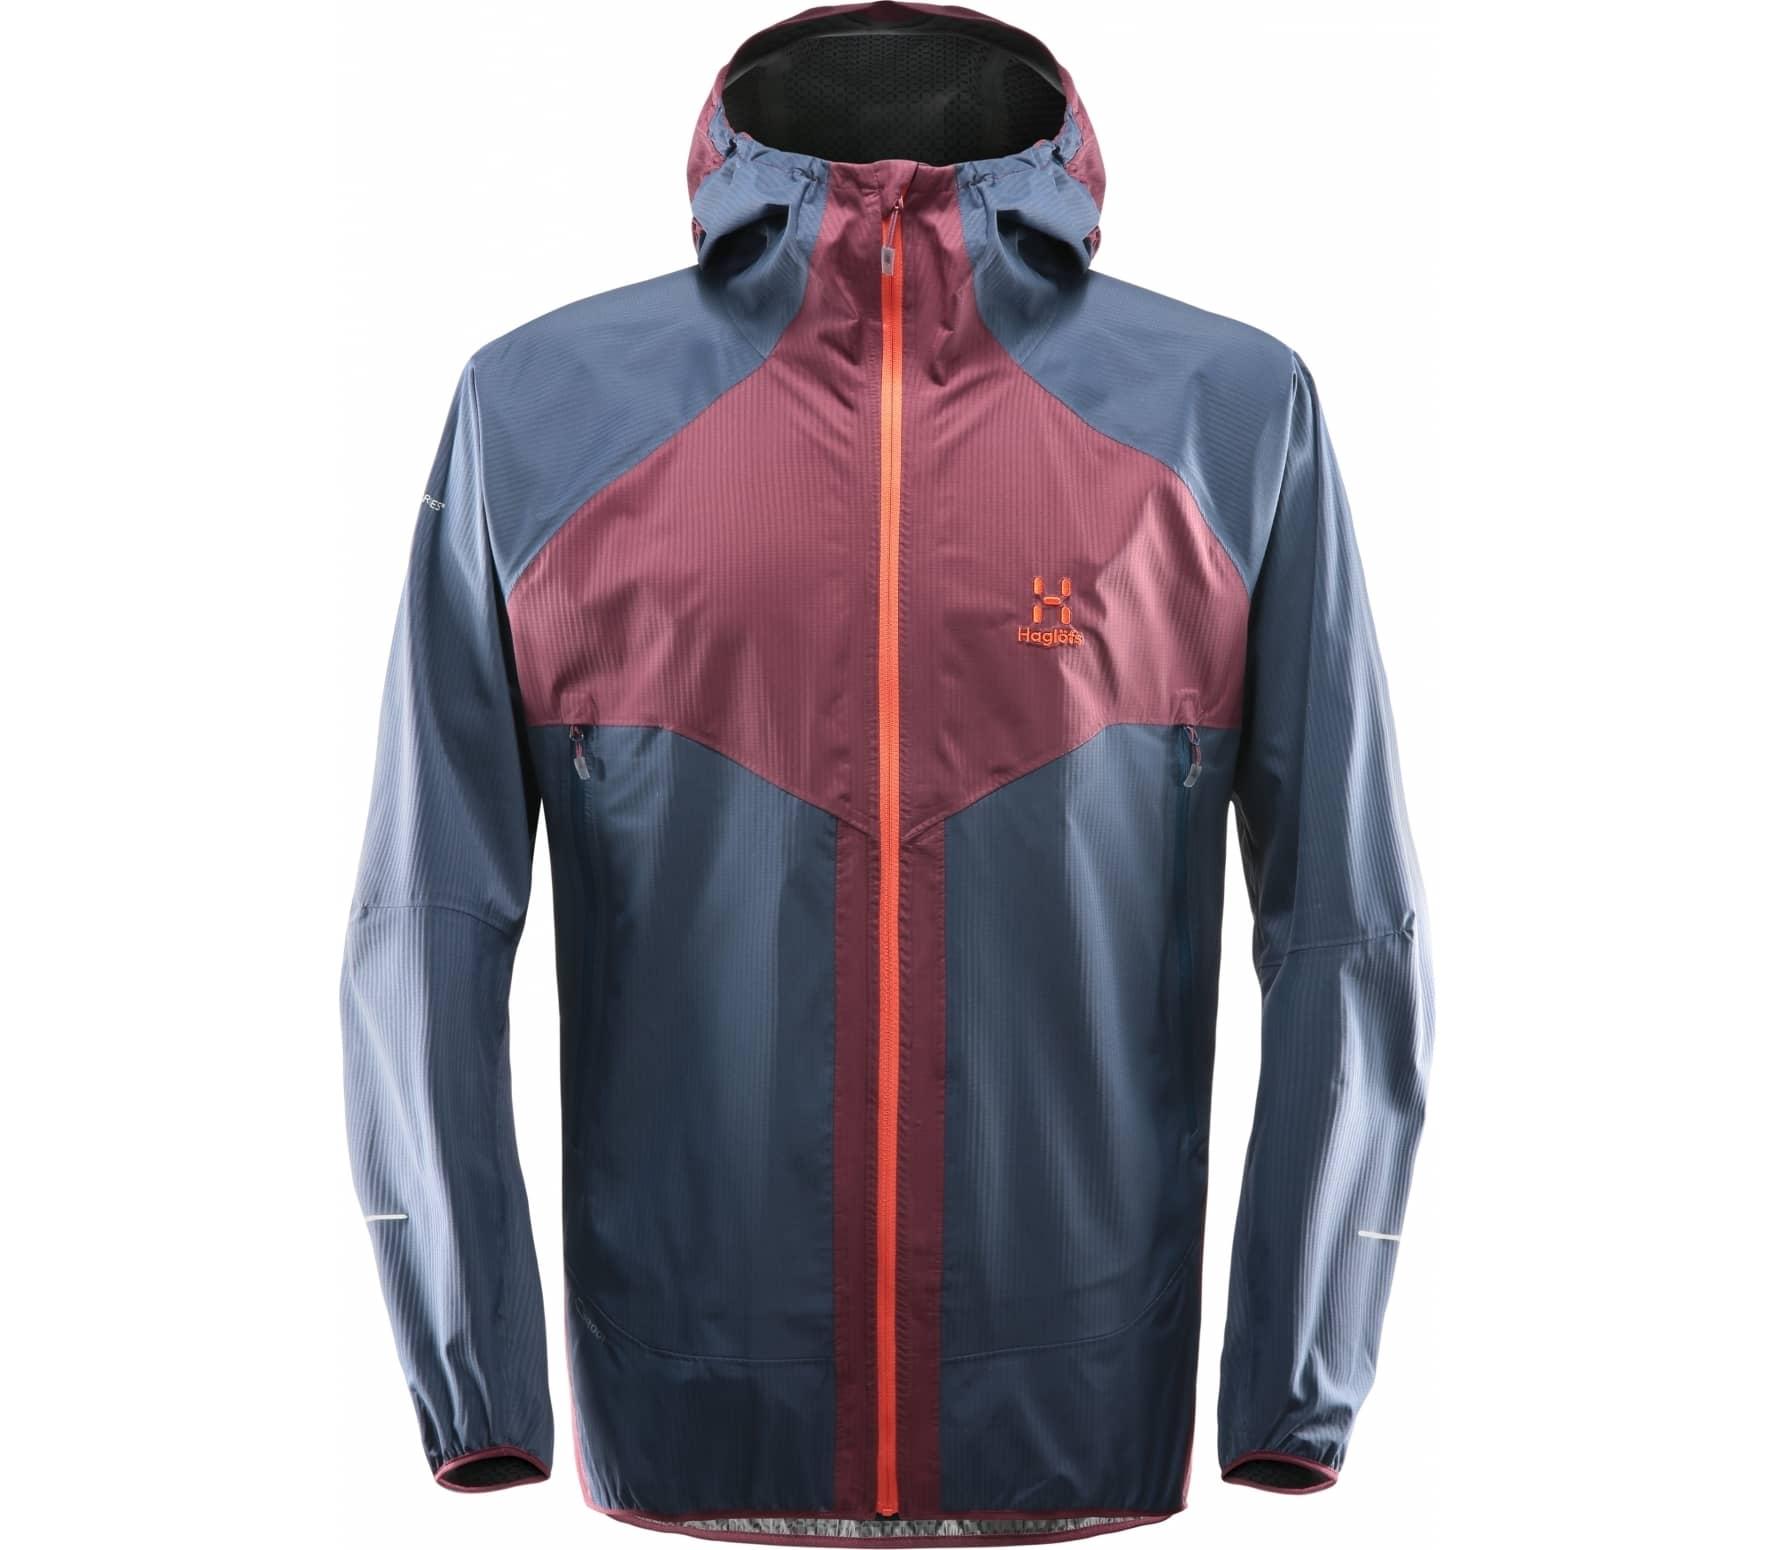 Haglöfs - L.I.M Proof Multi Herr 2.5 layer jacket (lila/blå) - XL